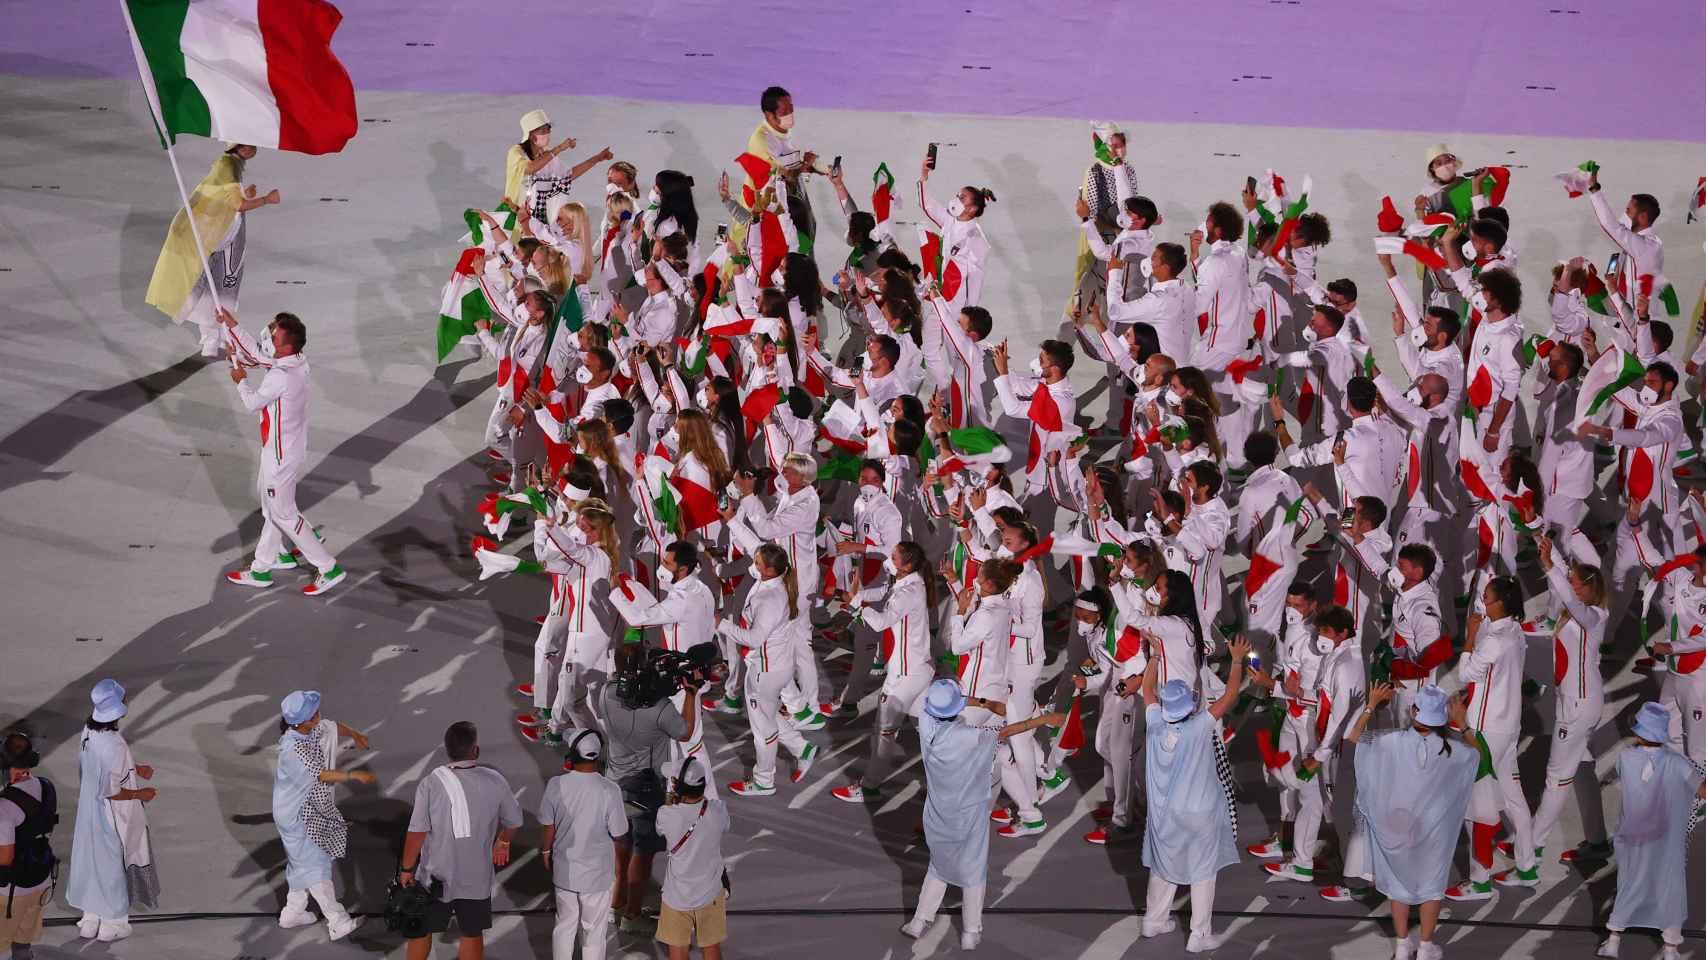 Italia en el desfile de naciones de la ceremonia de apertura de los JJOO de Tokio 2020